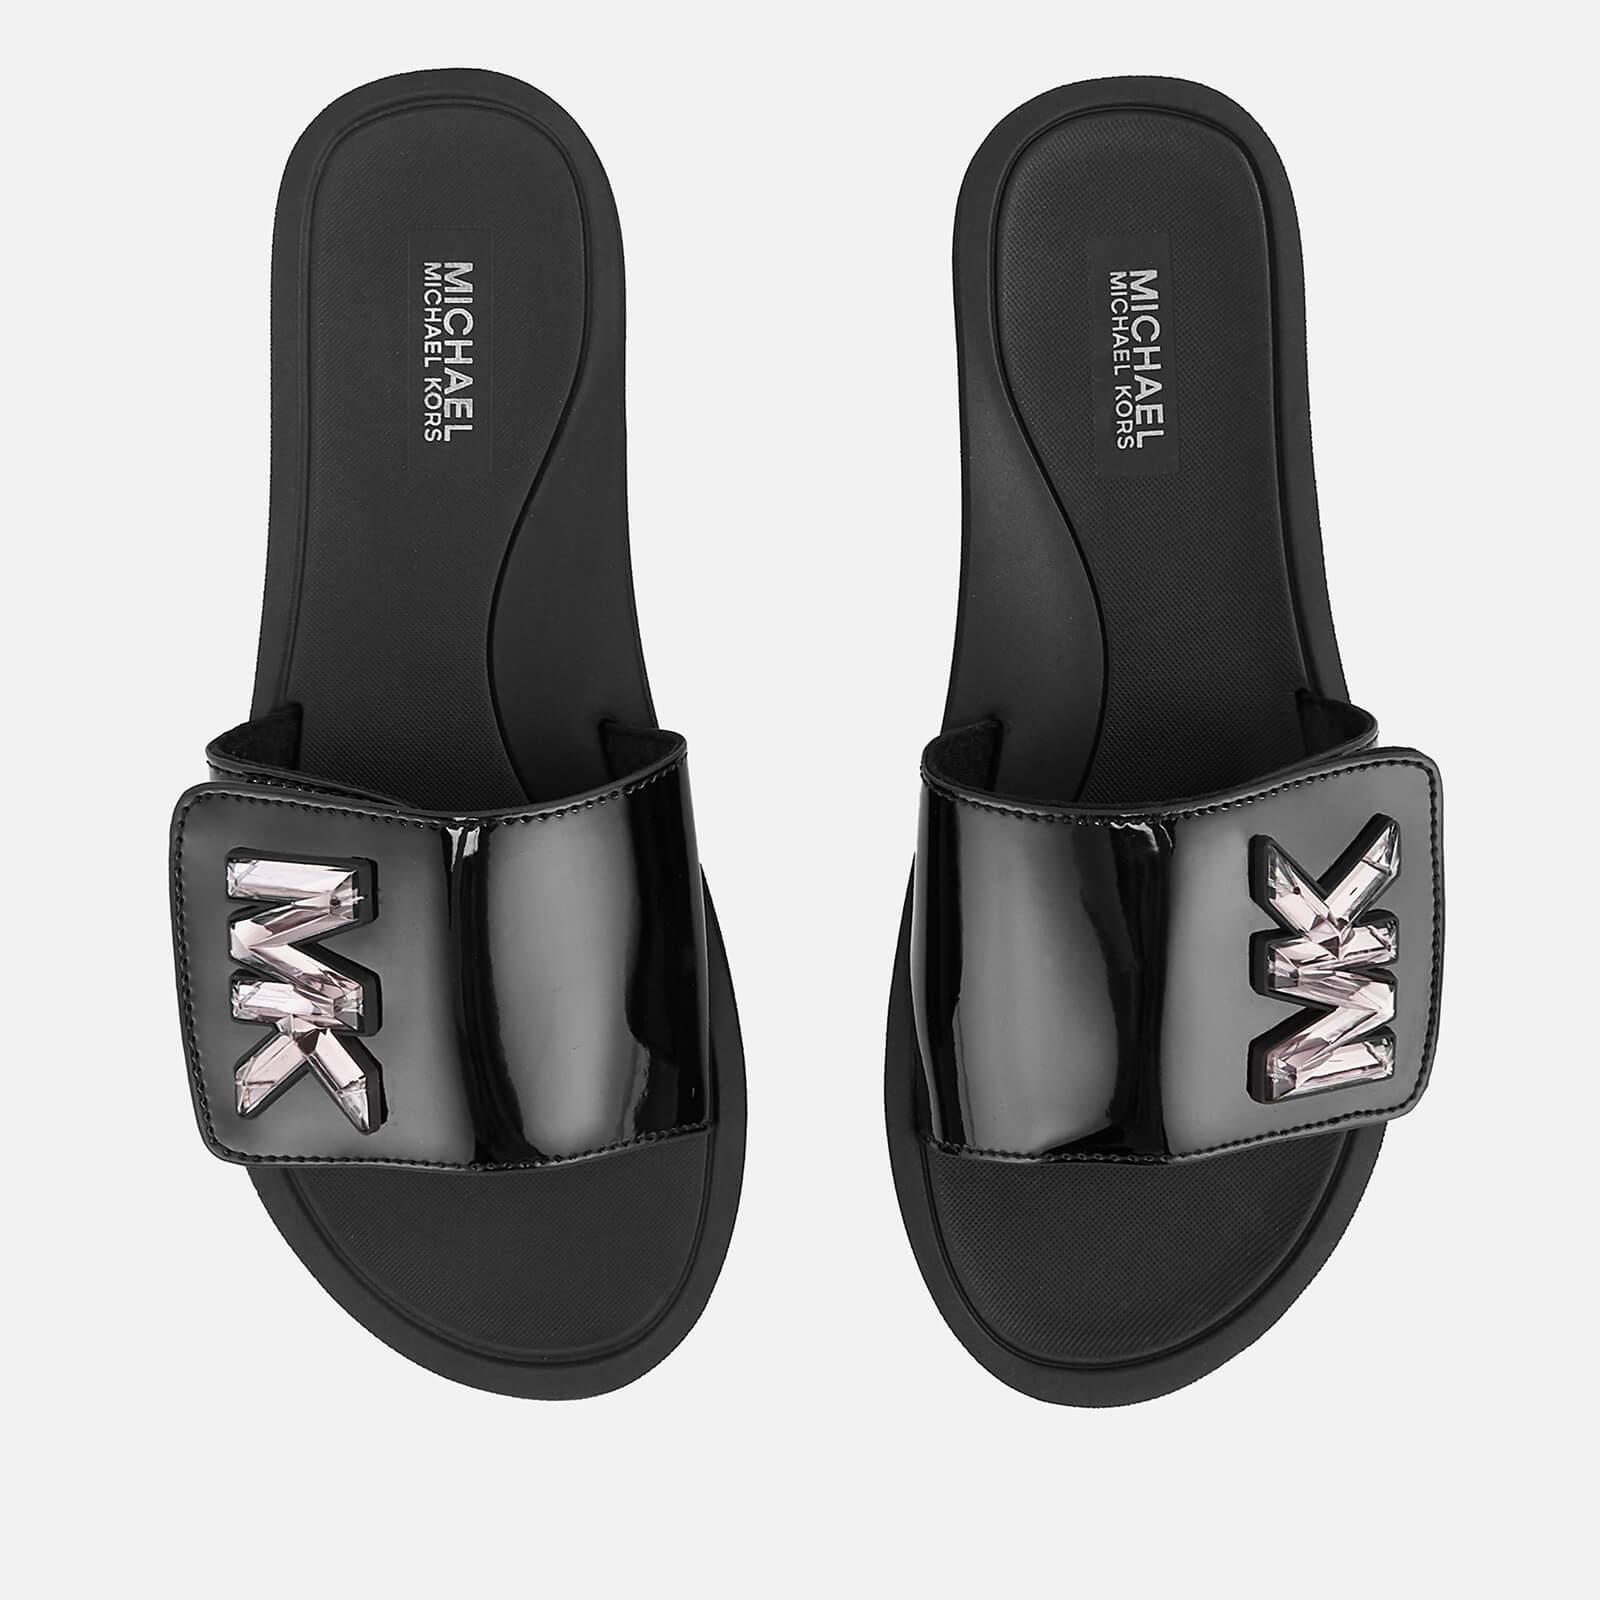 MICHAEL MICHAEL KORS Women's MK Slide Sandals - Black - UK 7/US 10 - Black